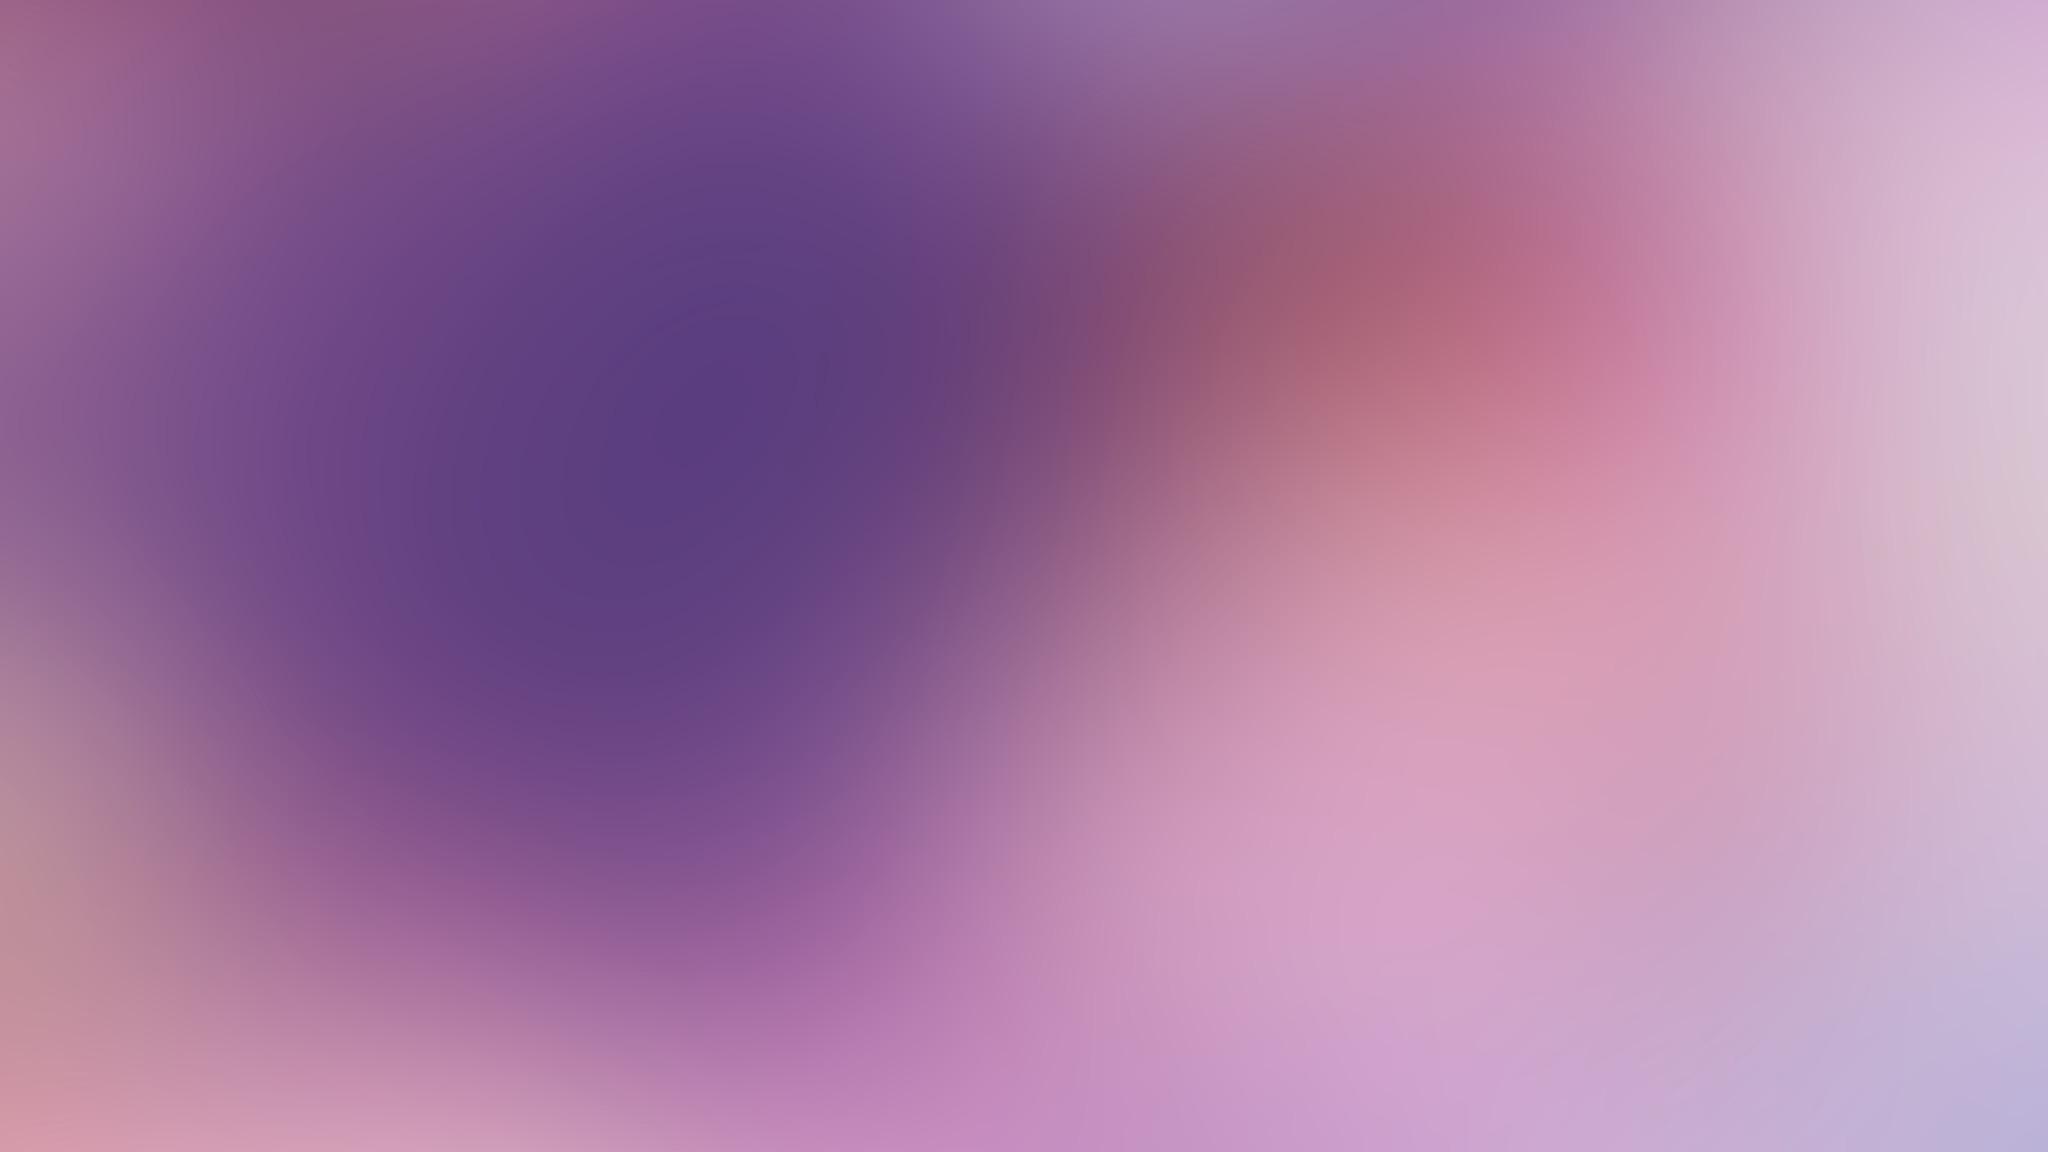 Cute Pastel Rainbow Wallpaper 2048x1152 Purple Blur 2048x1152 Resolution Hd 4k